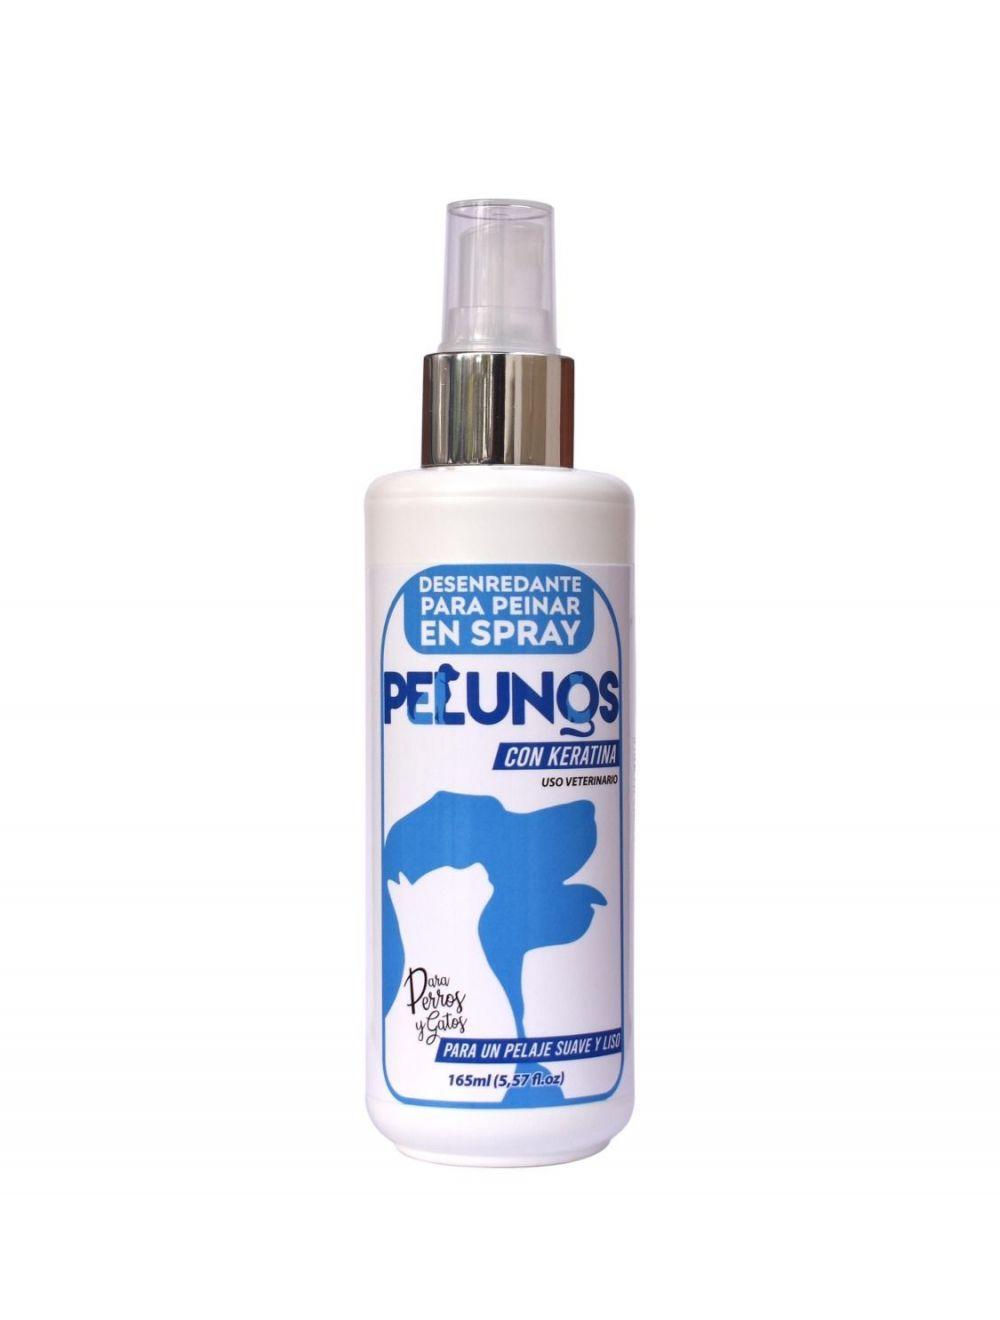 DESENREDANTE Para Peinar en Spray con KERATINA-Ciudademascotas.com